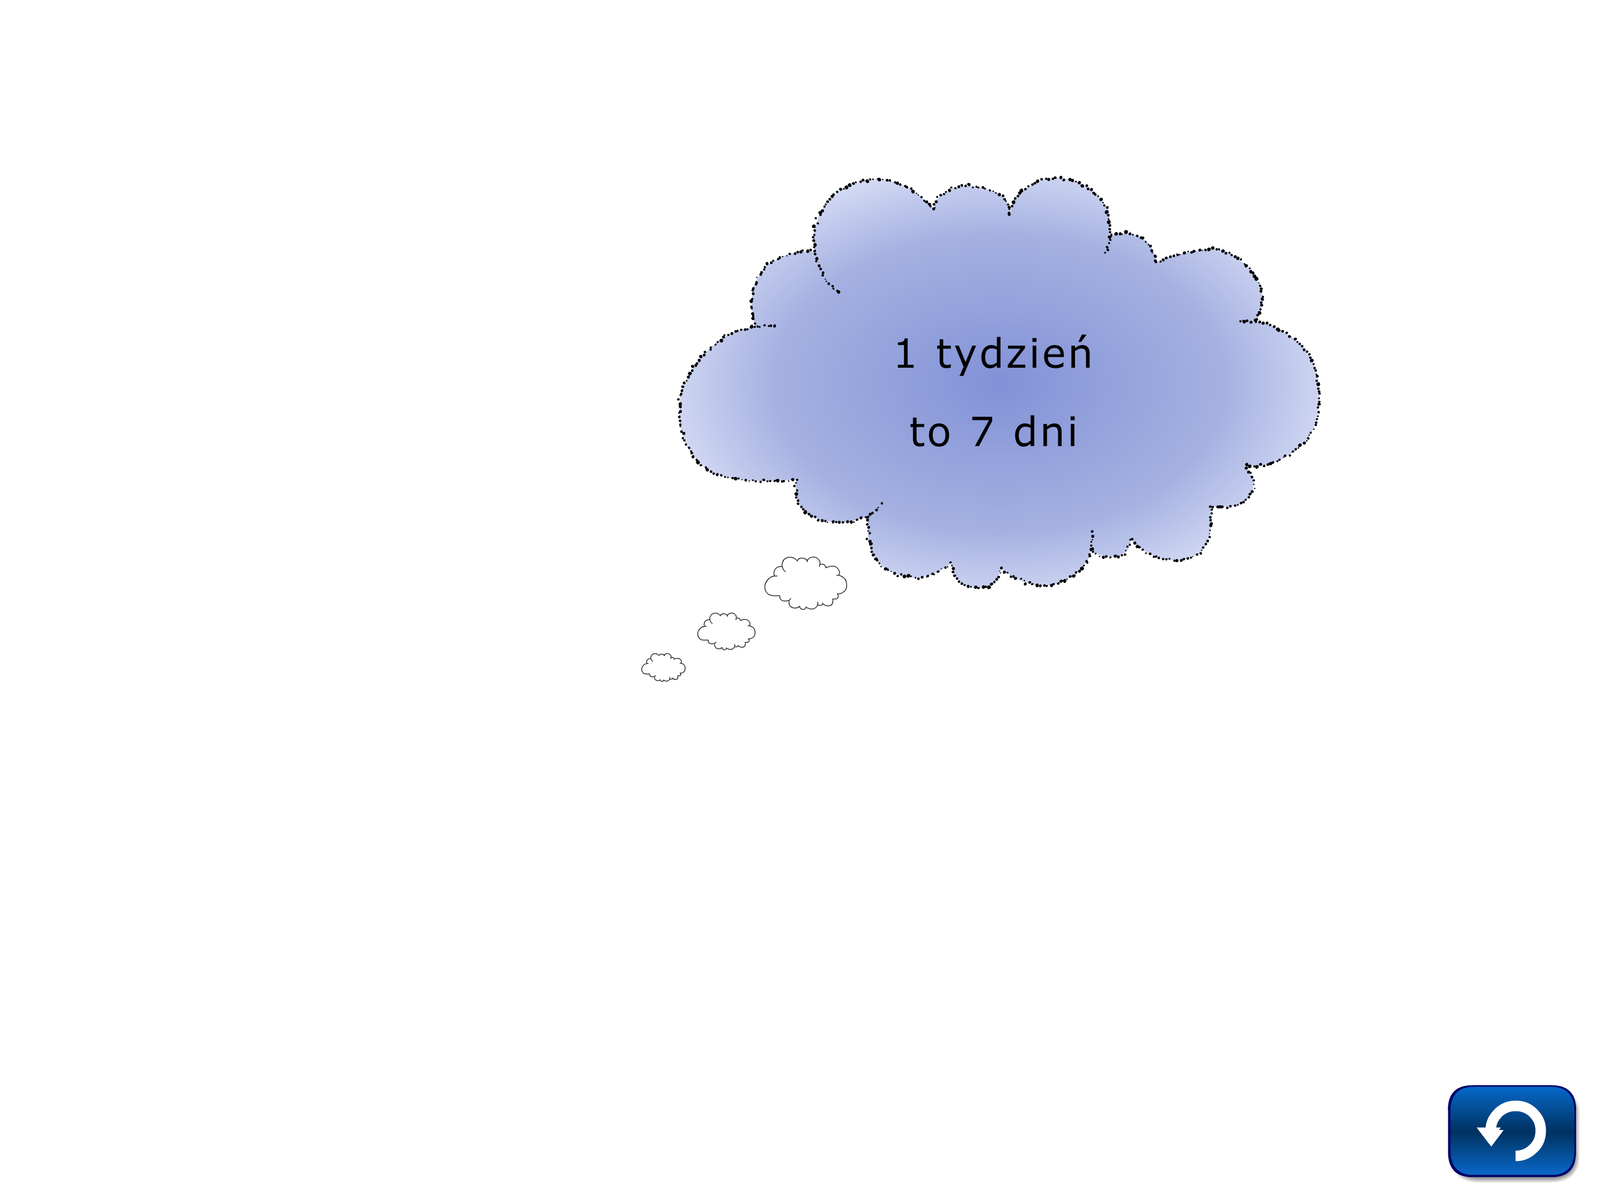 Pamięciowe dzielenie, zadanie 8, chmurka, tydzień